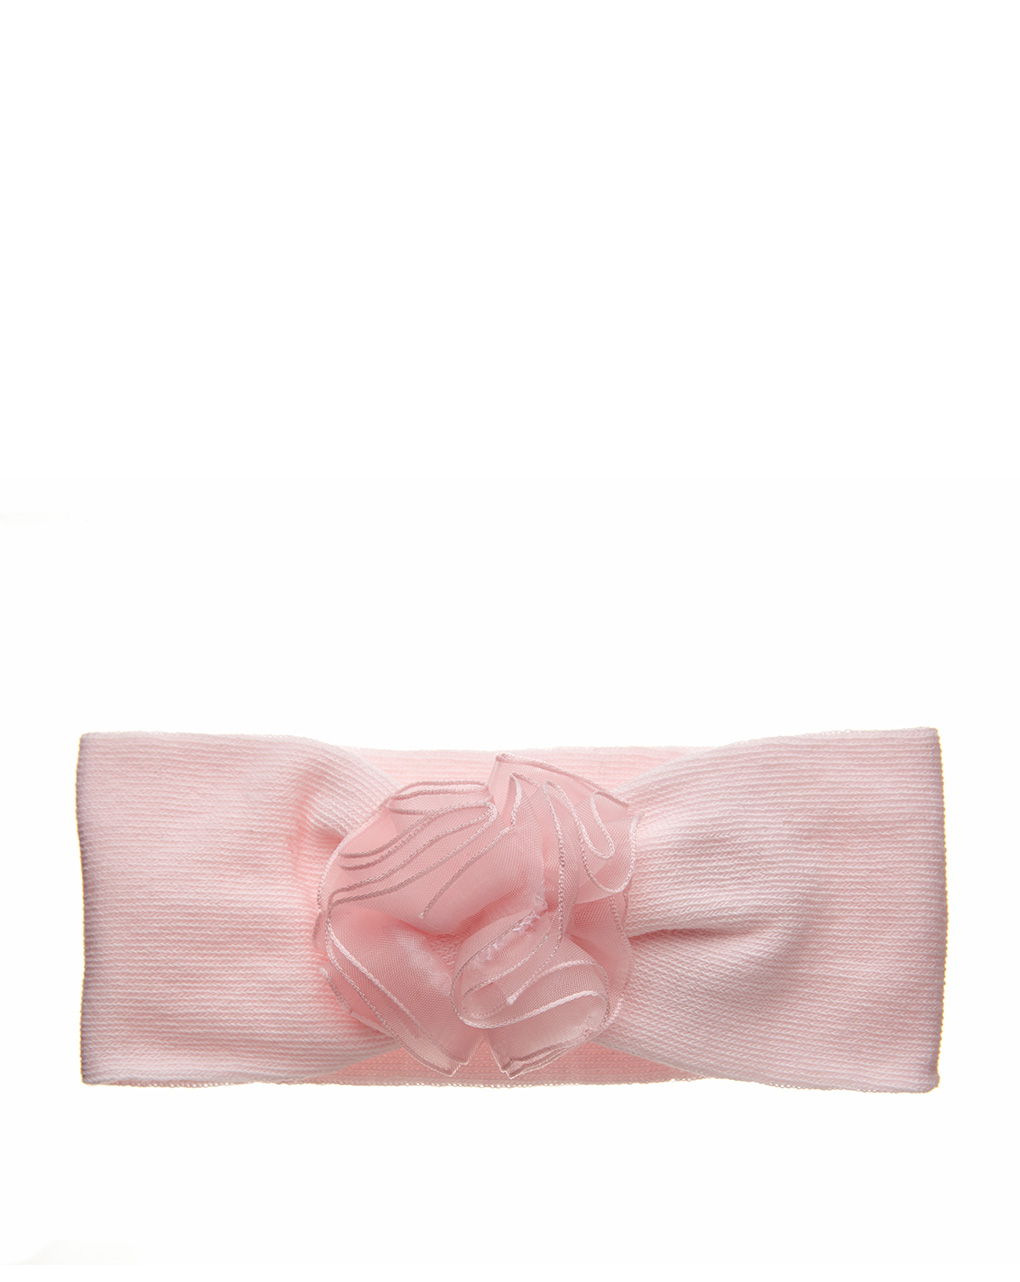 Κορδέλα για τα Μαλλιά Ροζ με Φιόγκο